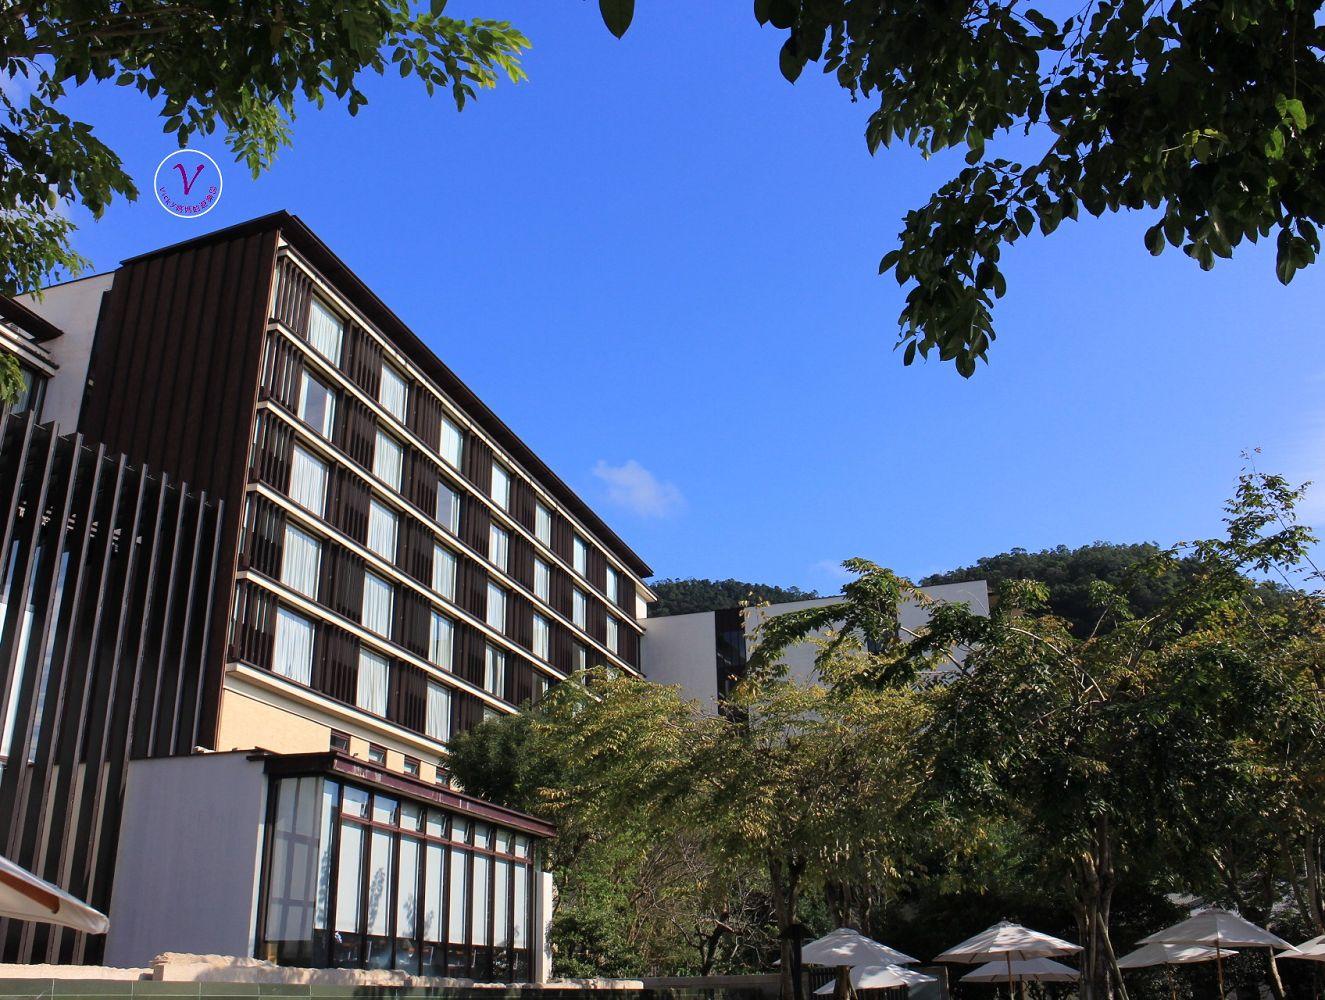 宜蘭住宿推薦︱礁溪老爺酒店:度蜜月、親子遊、放鬆之旅,礁溪老爺酒店都可以大大滿足